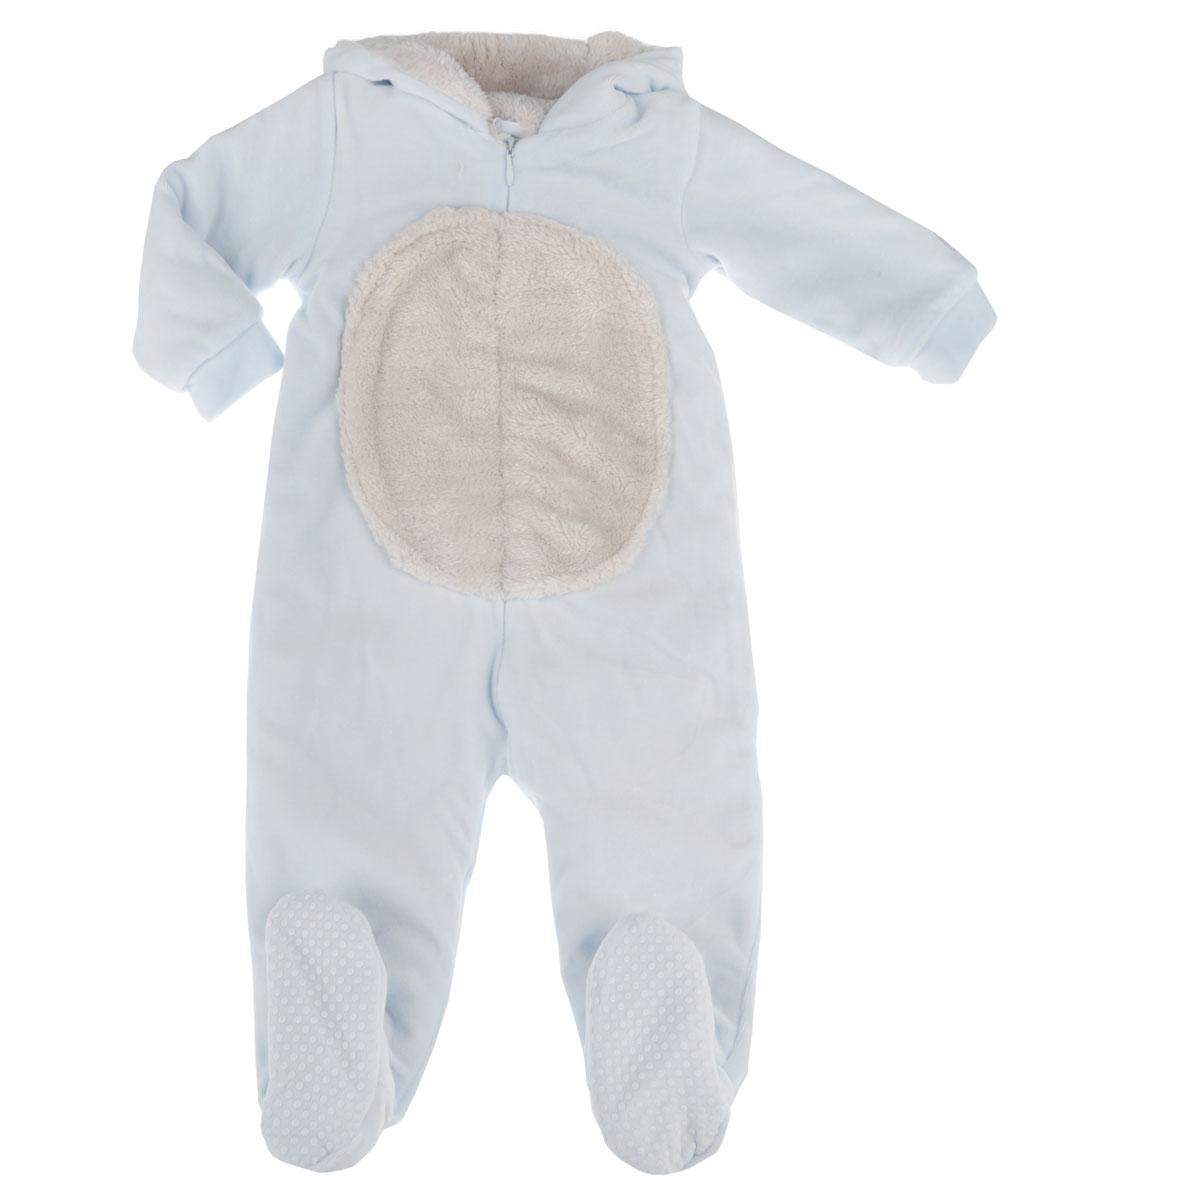 Комбинезон детский. 9020807090208070Очаровательный велюровый комбинезон Chicco - очень удобный и практичный вид одежды для малышей. Комбинезон выполнен из хлопка с добавлением полиэстера, благодаря чему он необычайно мягкий и приятный на ощупь, не раздражает нежную кожу ребенка и хорошо вентилируется, а эластичные швы приятны телу ребенка и не препятствуют его движениям. Подкладка выполнена из мягкого ворсистого материала. Комбинезон с длинными рукавами и закрытыми ножками имеет центральную потайную застежку-молнию от горловины до щиколотки, которая помогает легко переодеть младенца или сменить подгузник. Также предусмотрена внутренняя ветрозащитная планка. Рукава понизу дополнены неширокими трикотажными манжетами, а пяточки присборены на резинку. На стопах имеются прорезиненные вставки, предотвращающие скольжение. Капюшон оформлен оригинальной аппликацией в виде мордочки медвежонка и дополнен декоративными ушками. Спереди предусмотрена вставка из ворсистого материала, что придает изделию оригинальность. С...